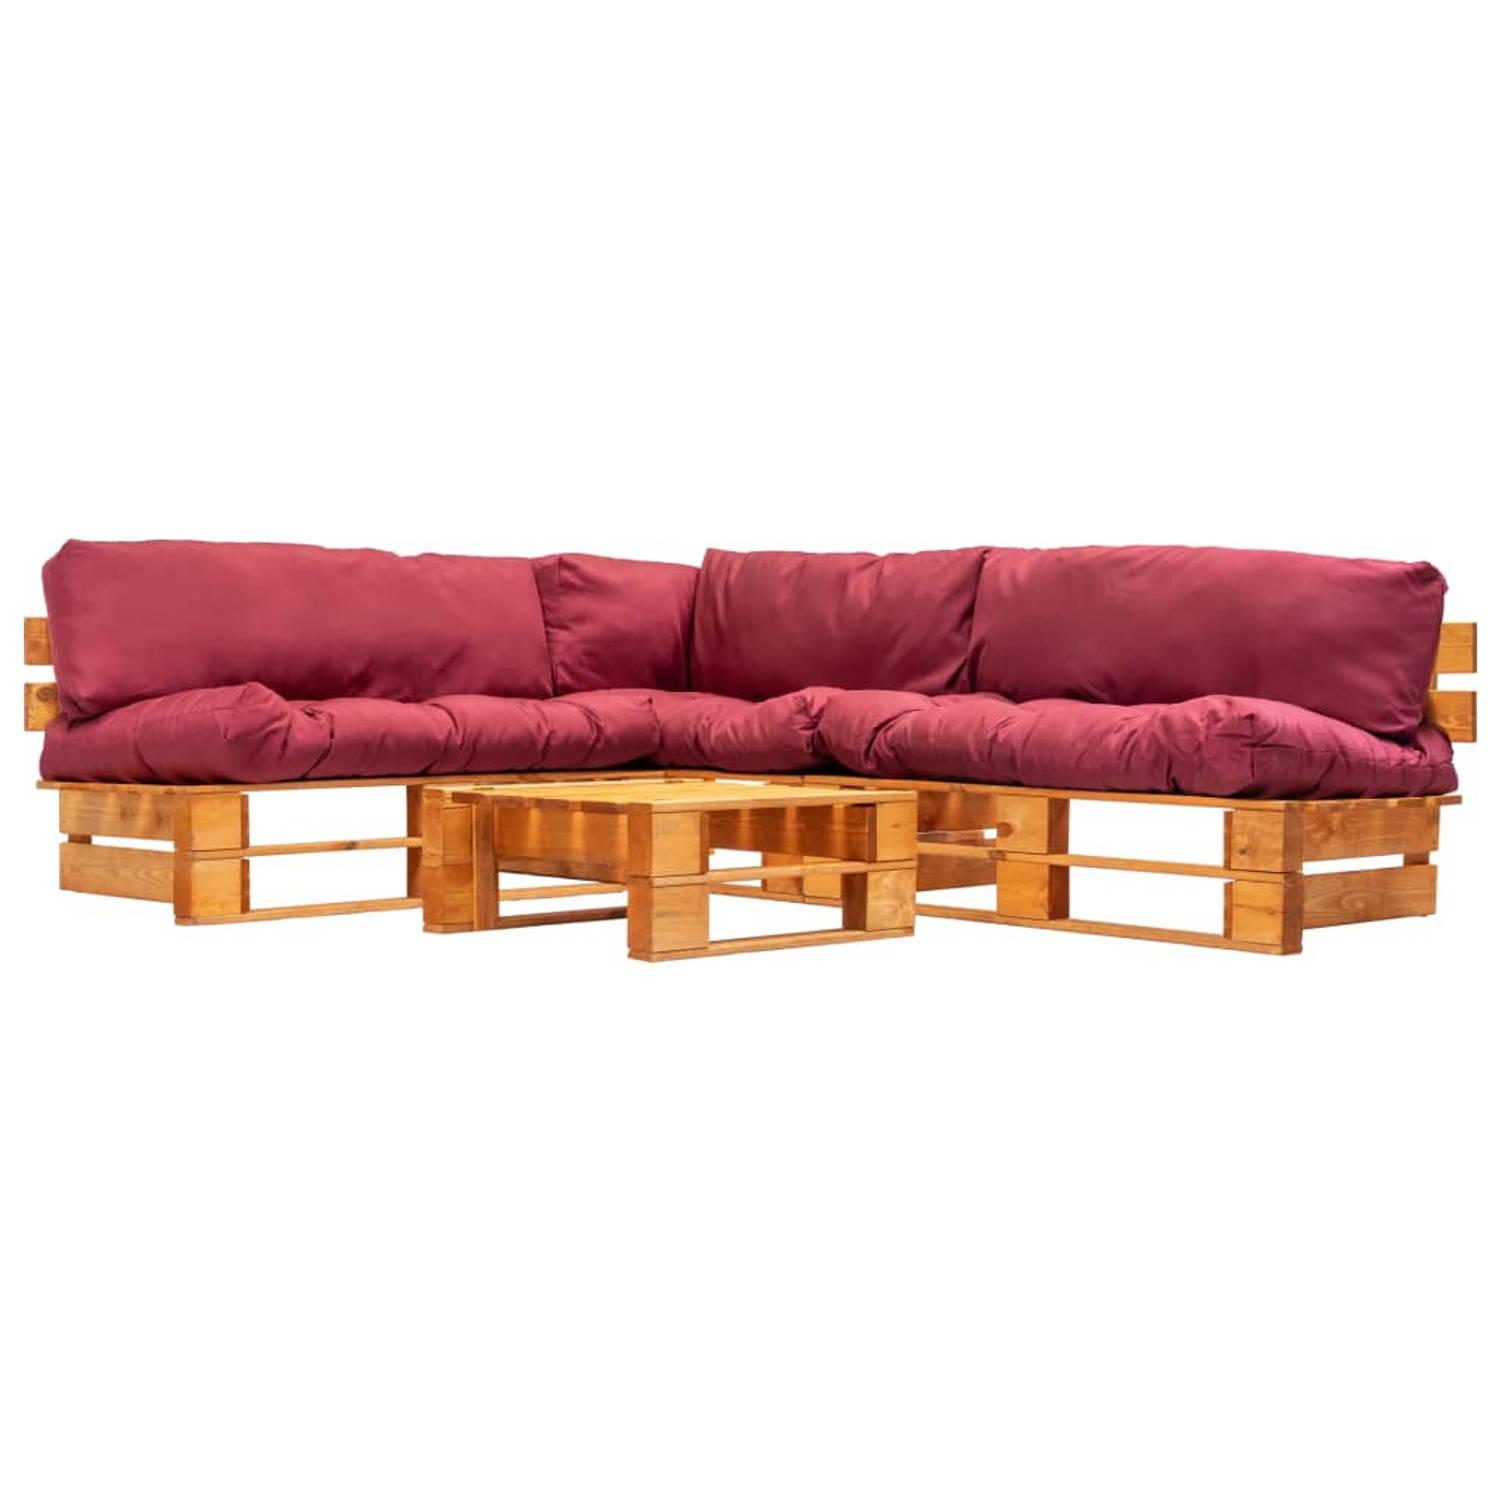 vidaXL 4-delige Loungeset pallets met rode kussens FSC hout